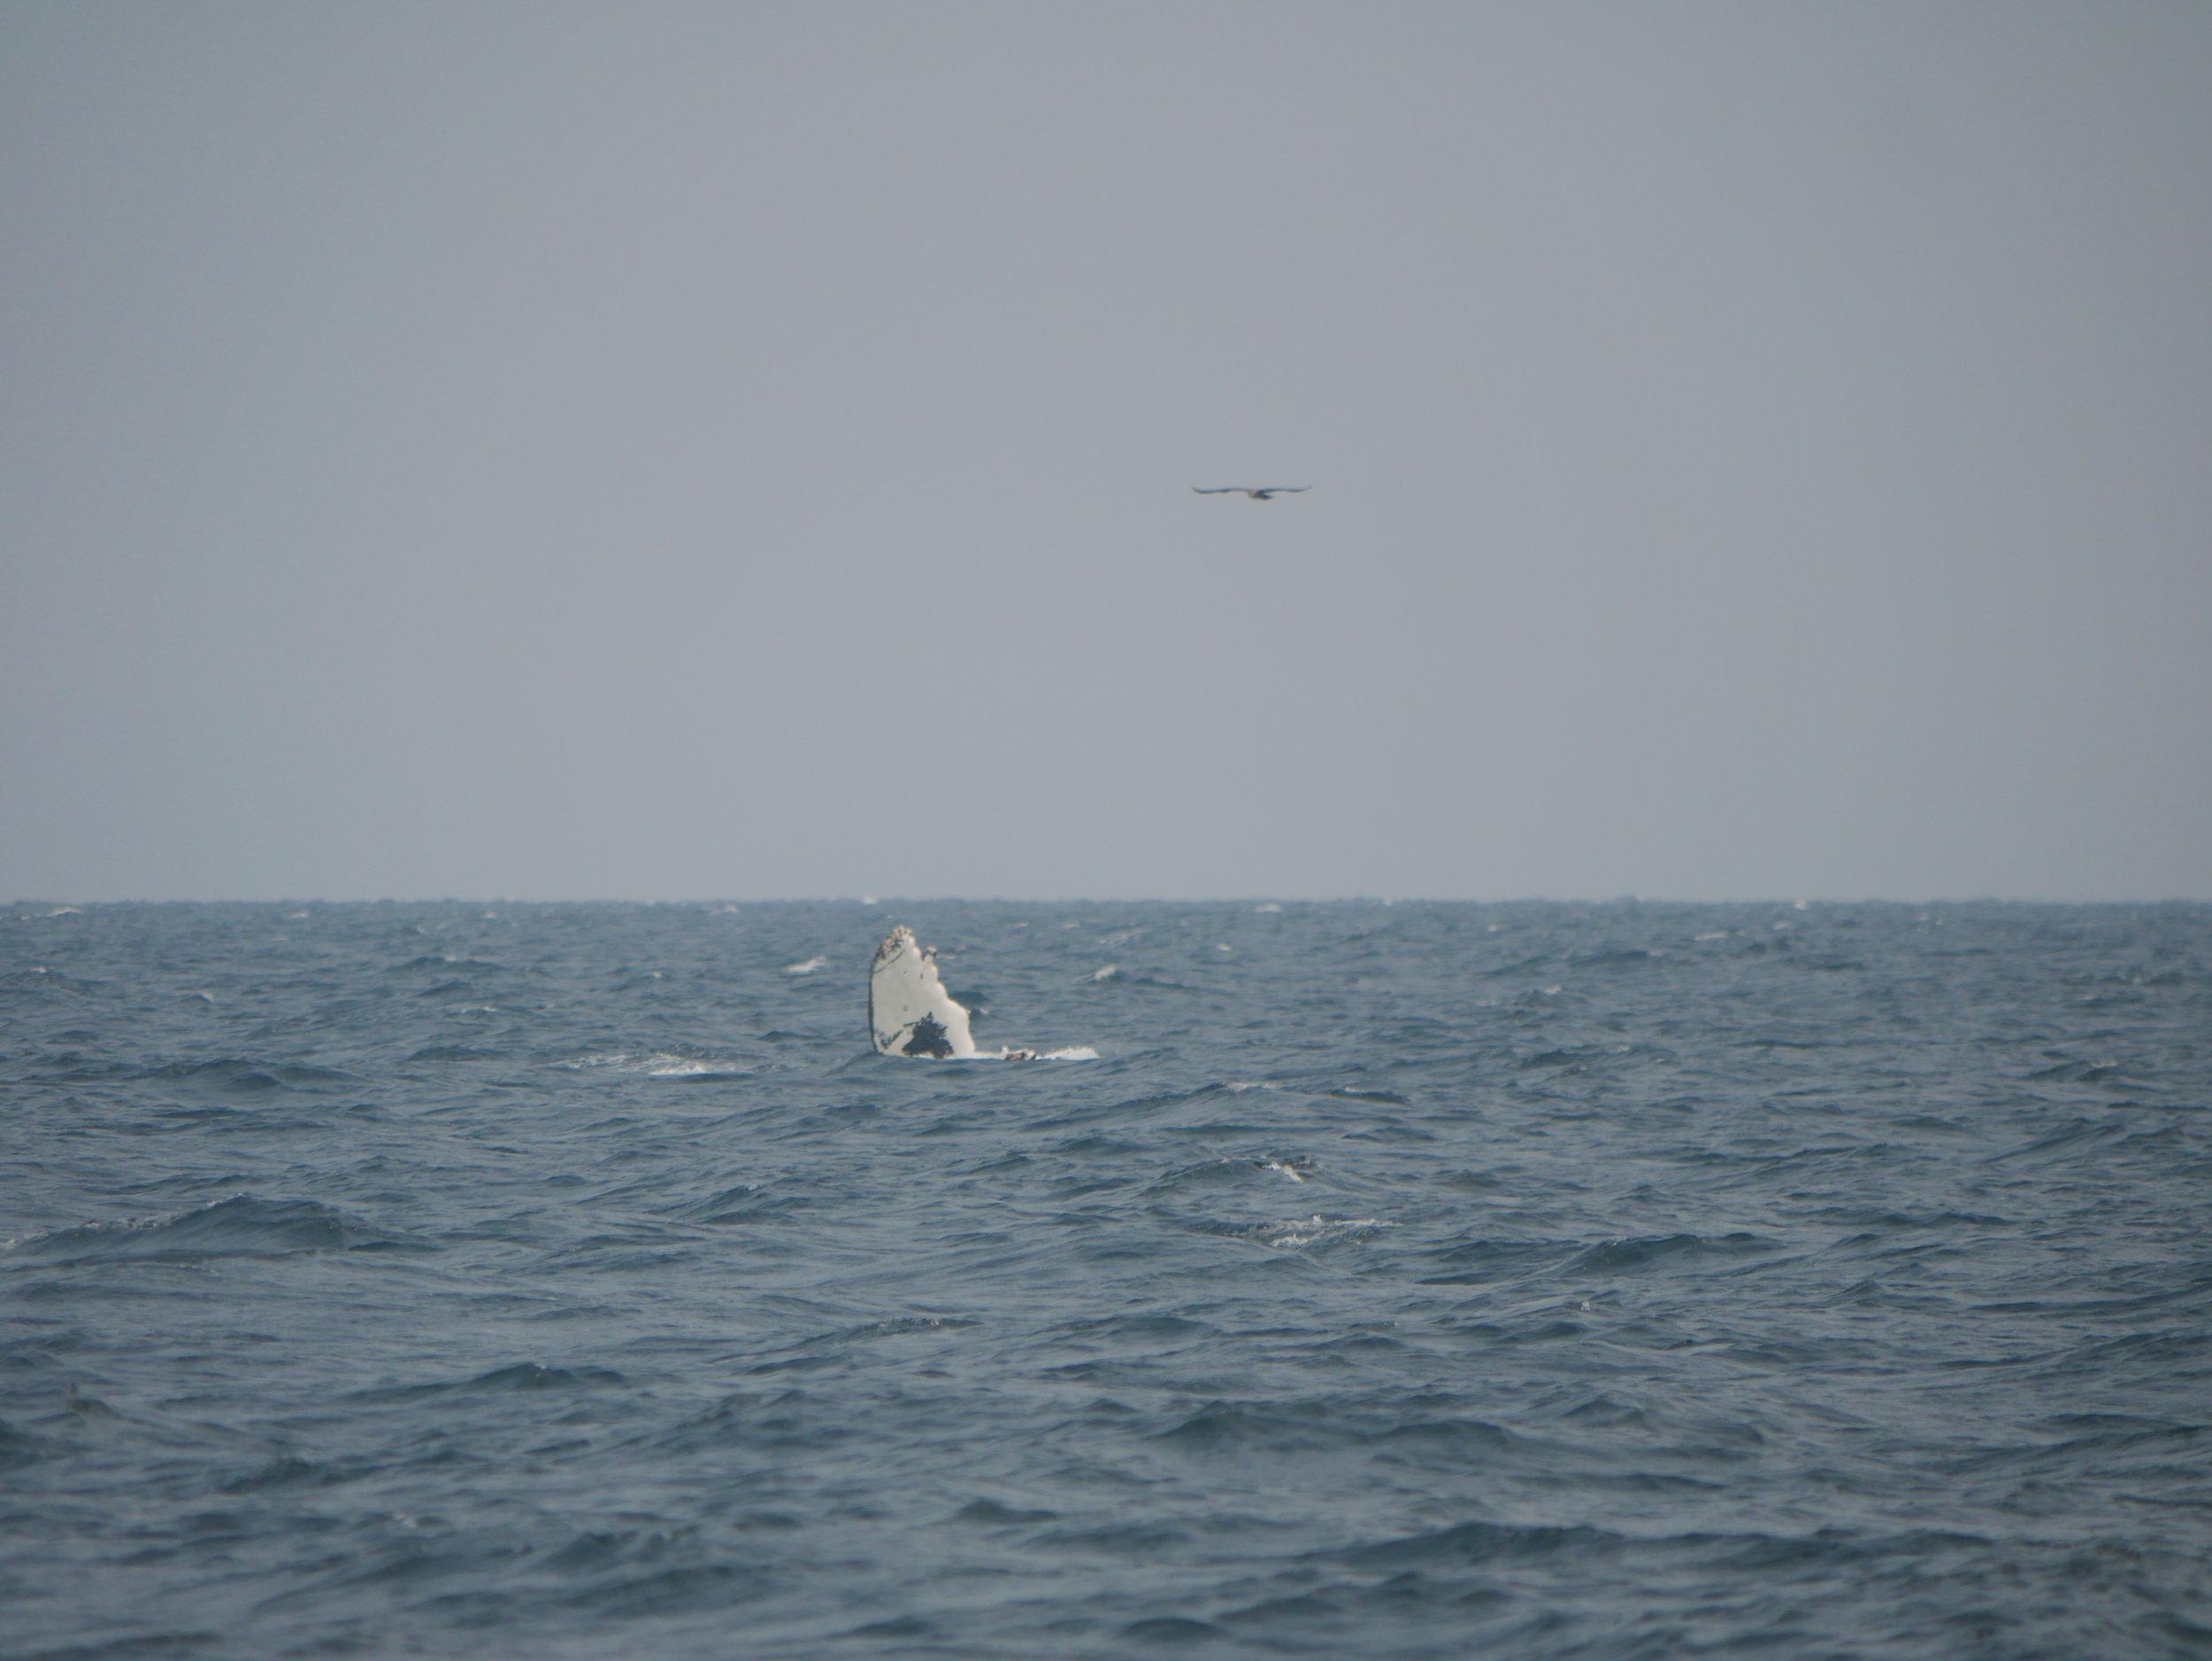 Pec fin slipping back into the water. Photo by Rodrigo Menezes.